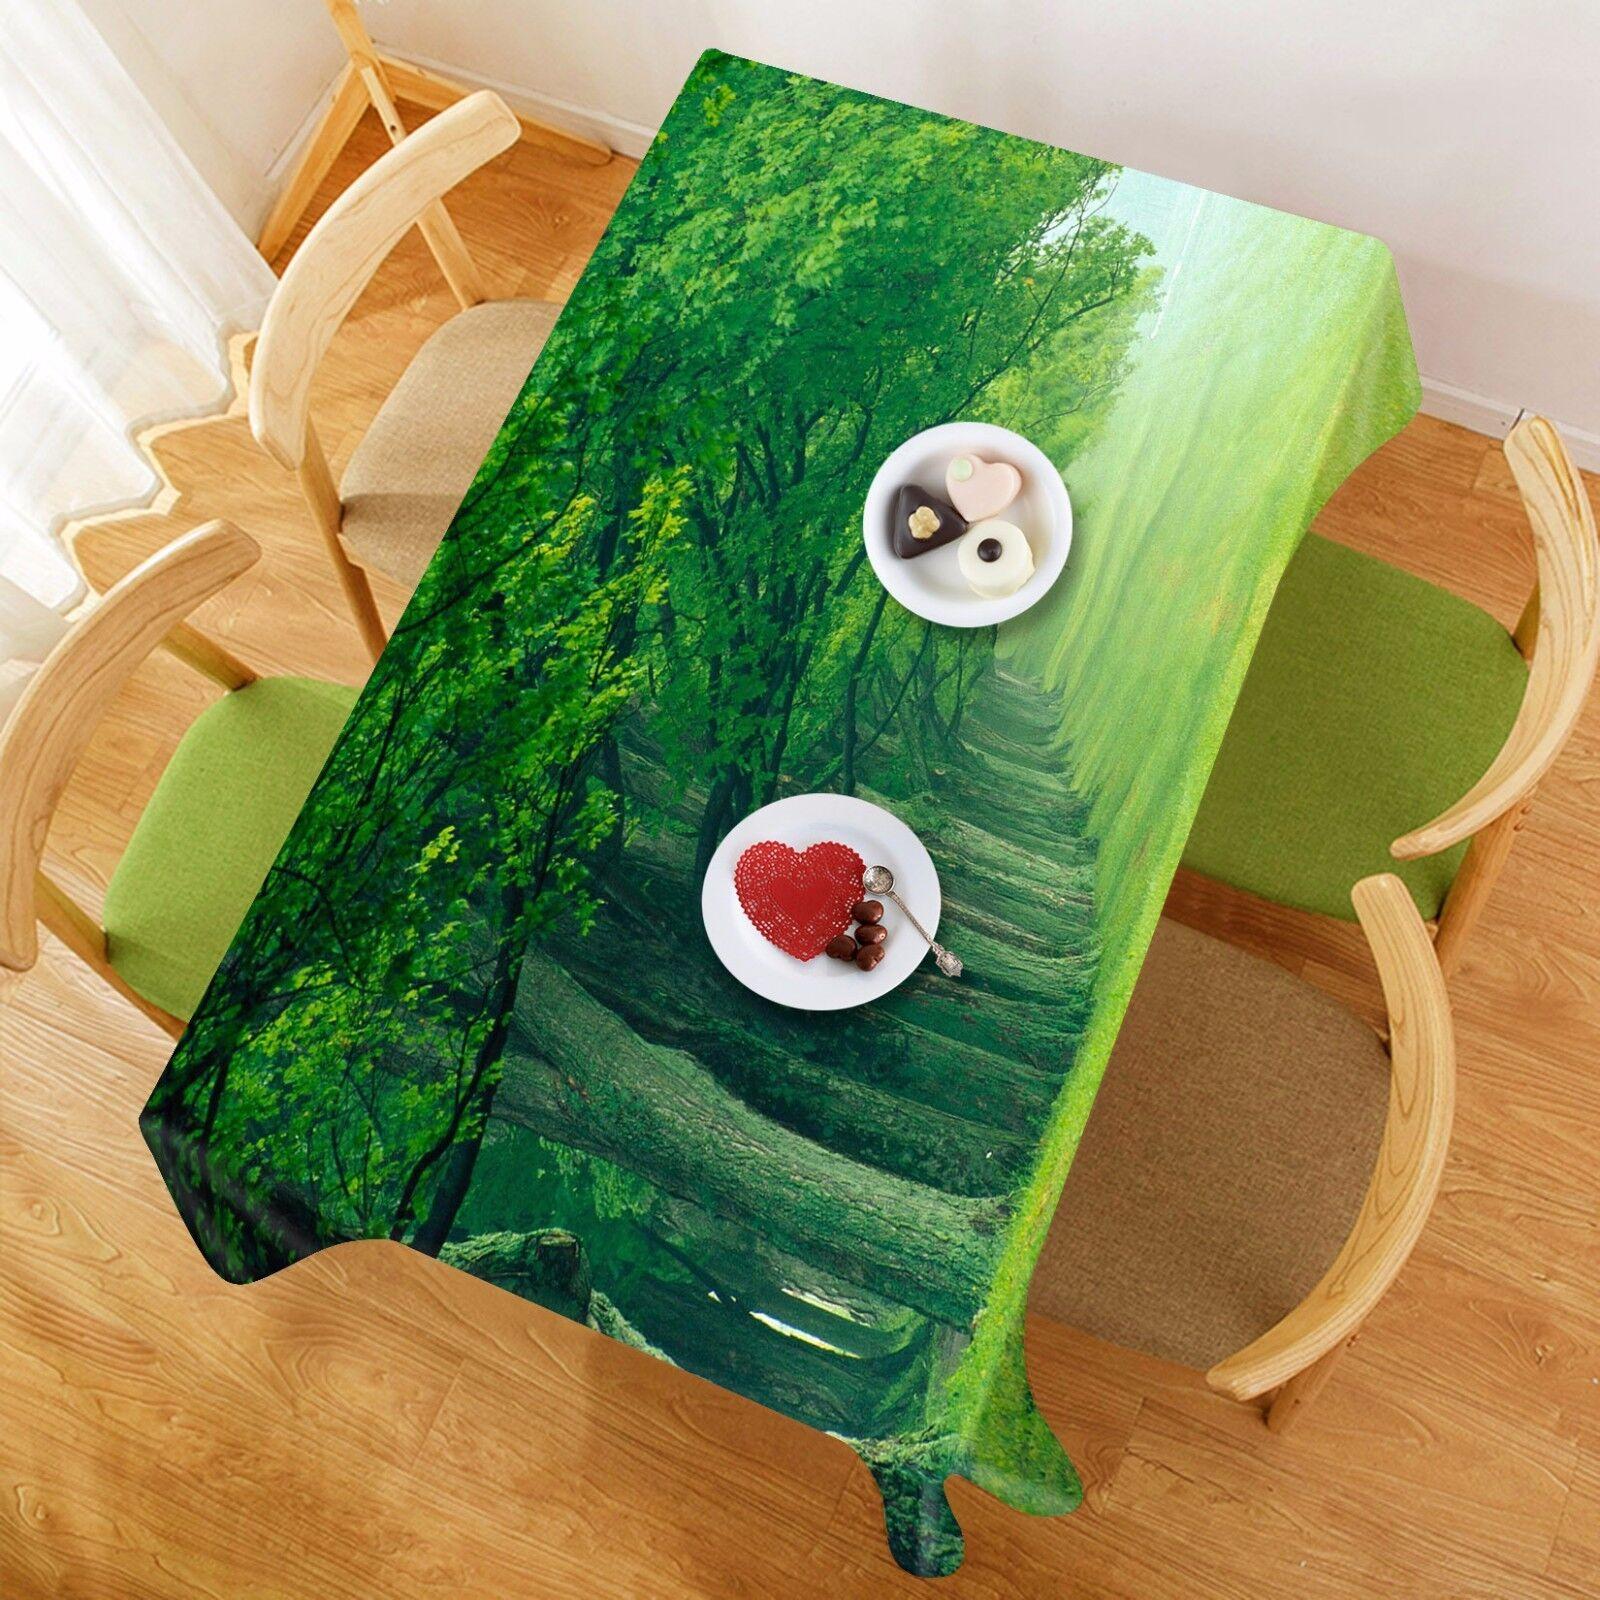 3D Bois 8970 Nappe Table Cover Cloth Fête D'Anniversaire événement AJ papier peint UK